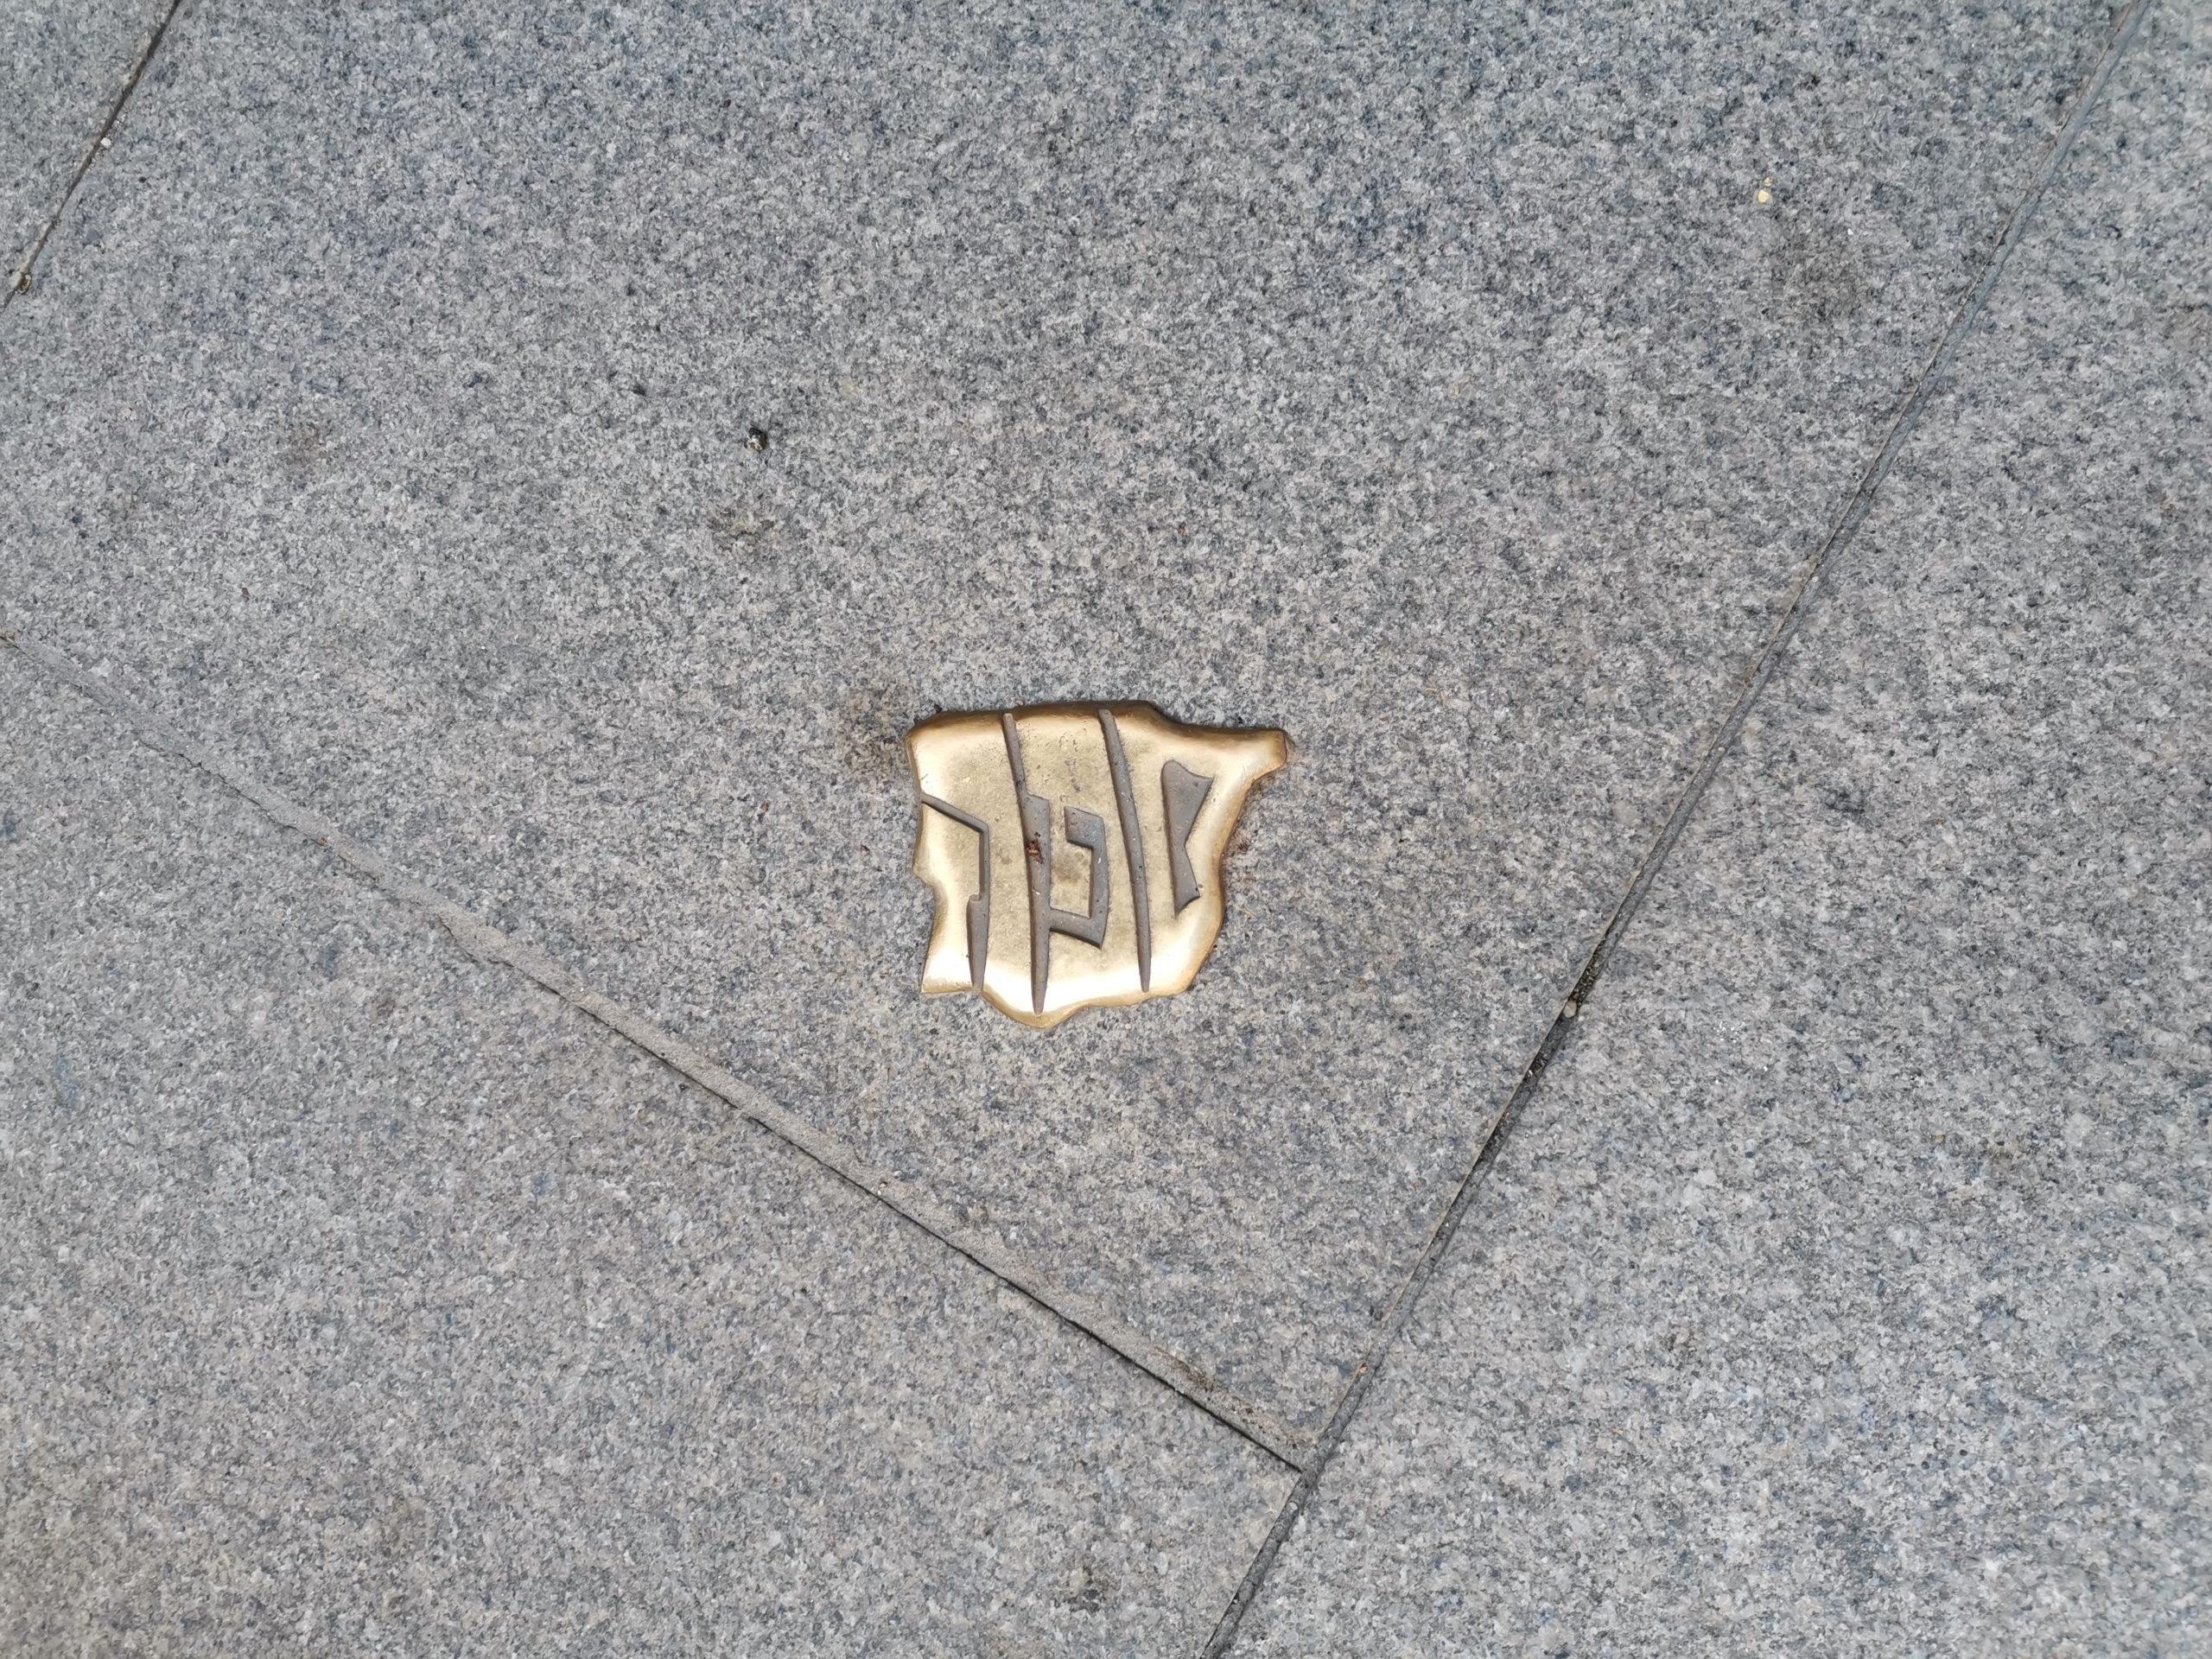 símbolo-judío-calle-Segovia